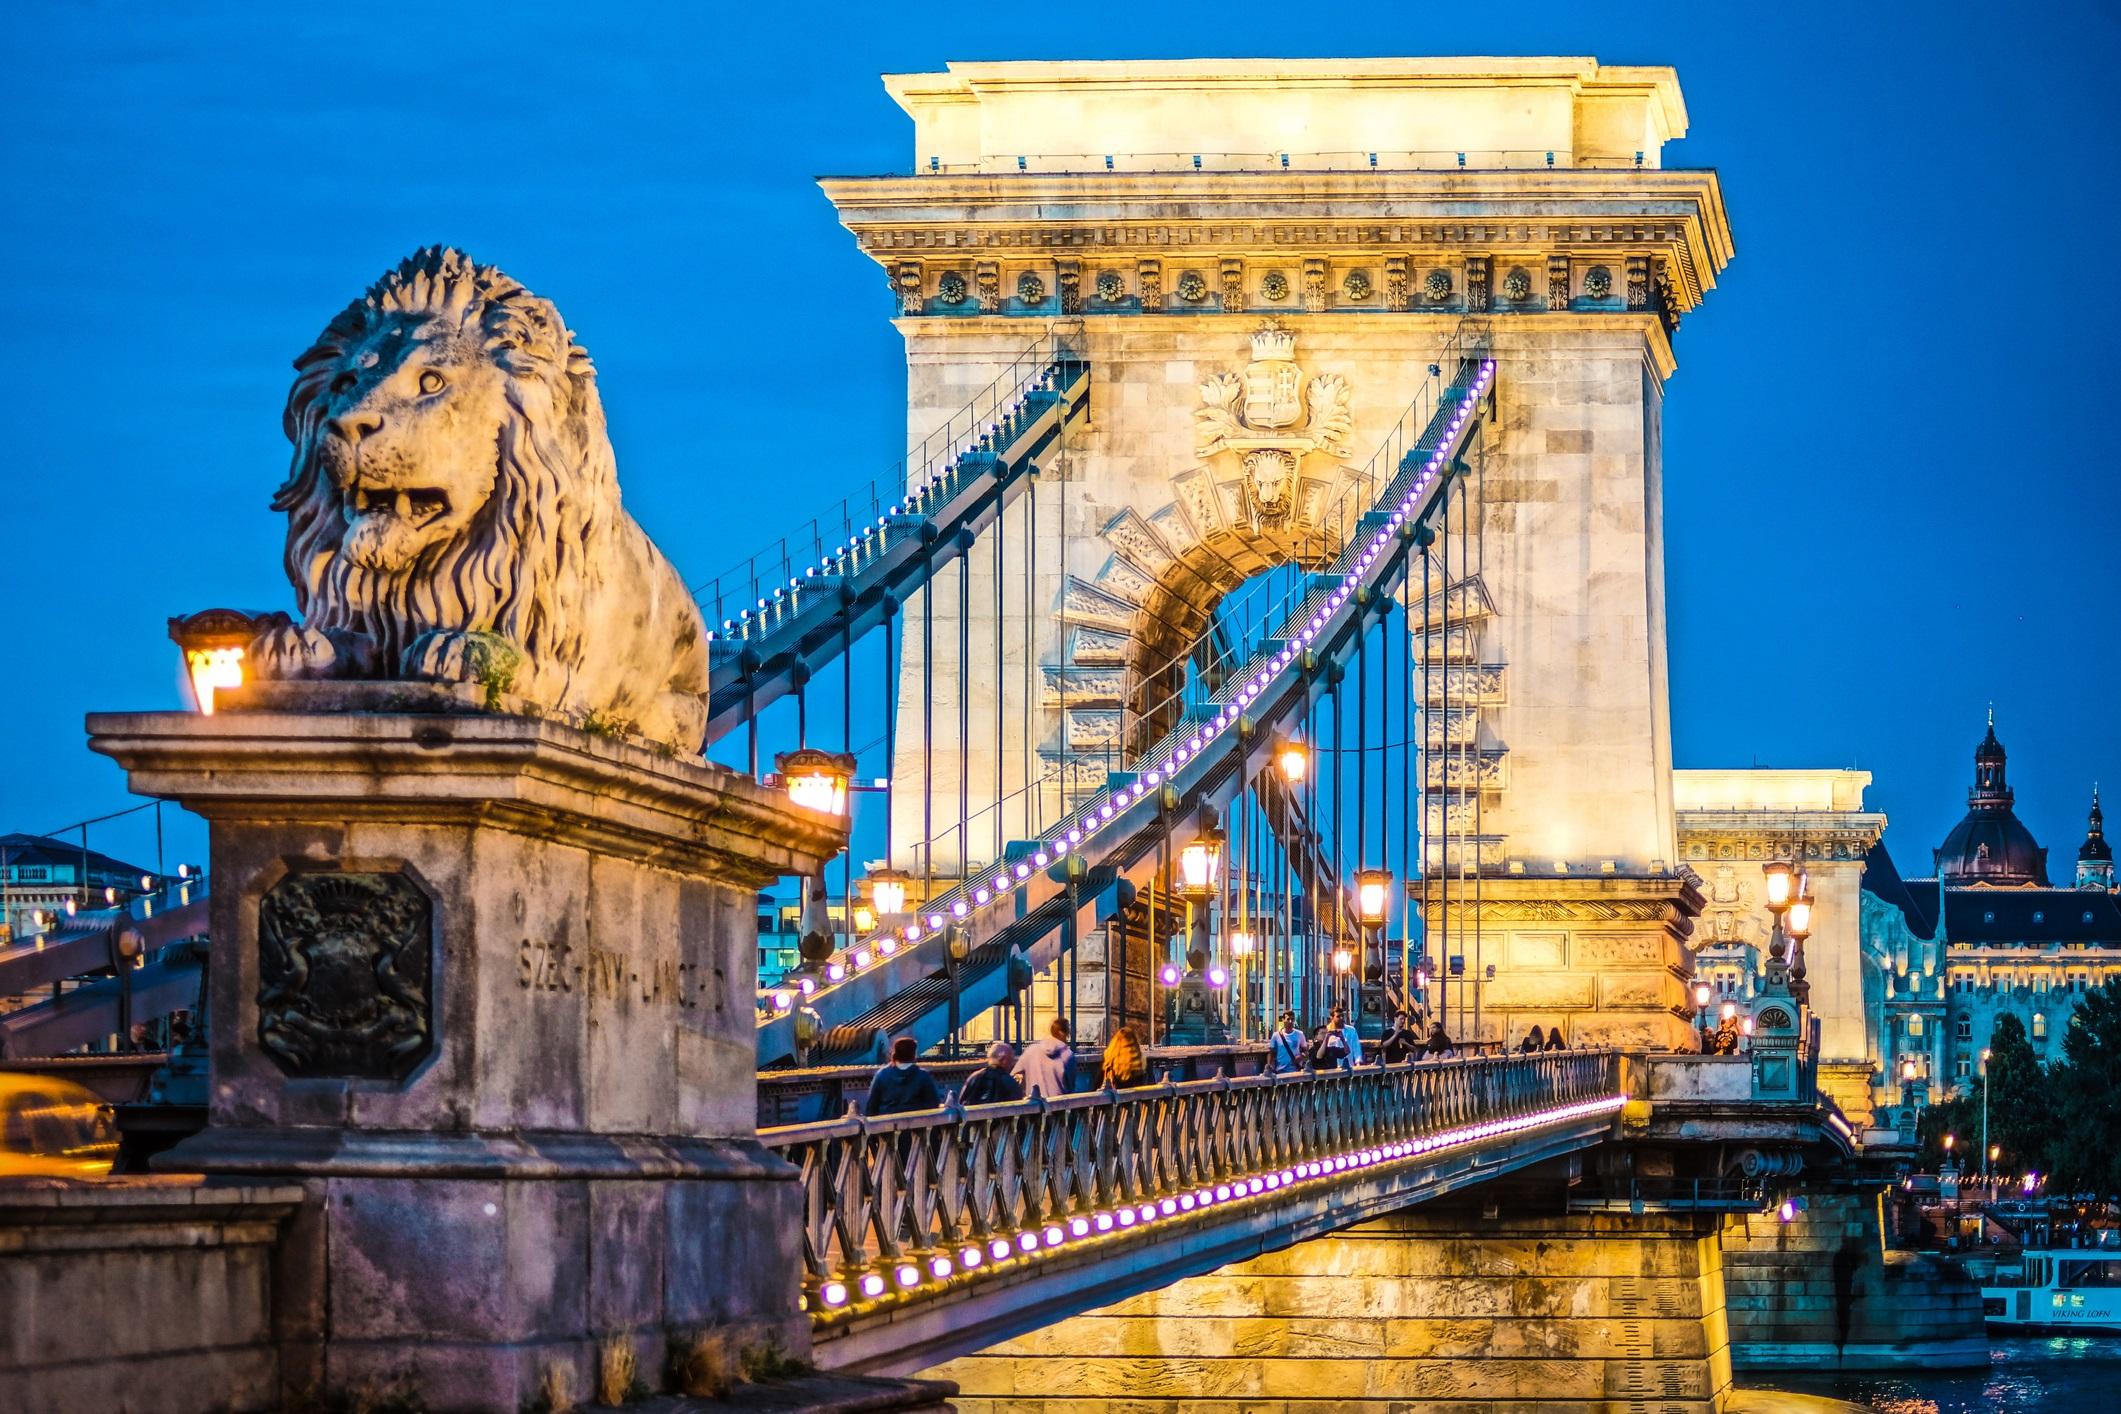 <p><strong>Сечени (Будапеща, Унгария)</strong></p>  <p>Най-известният мост на Будапеща, верижният мост Сечени, свързва Буда и Пеща, западната и източната част на града през река Дунав. Неговите огромни кули привличат туристите и е той е една от най-фотогеничните забележителности в града.</p>